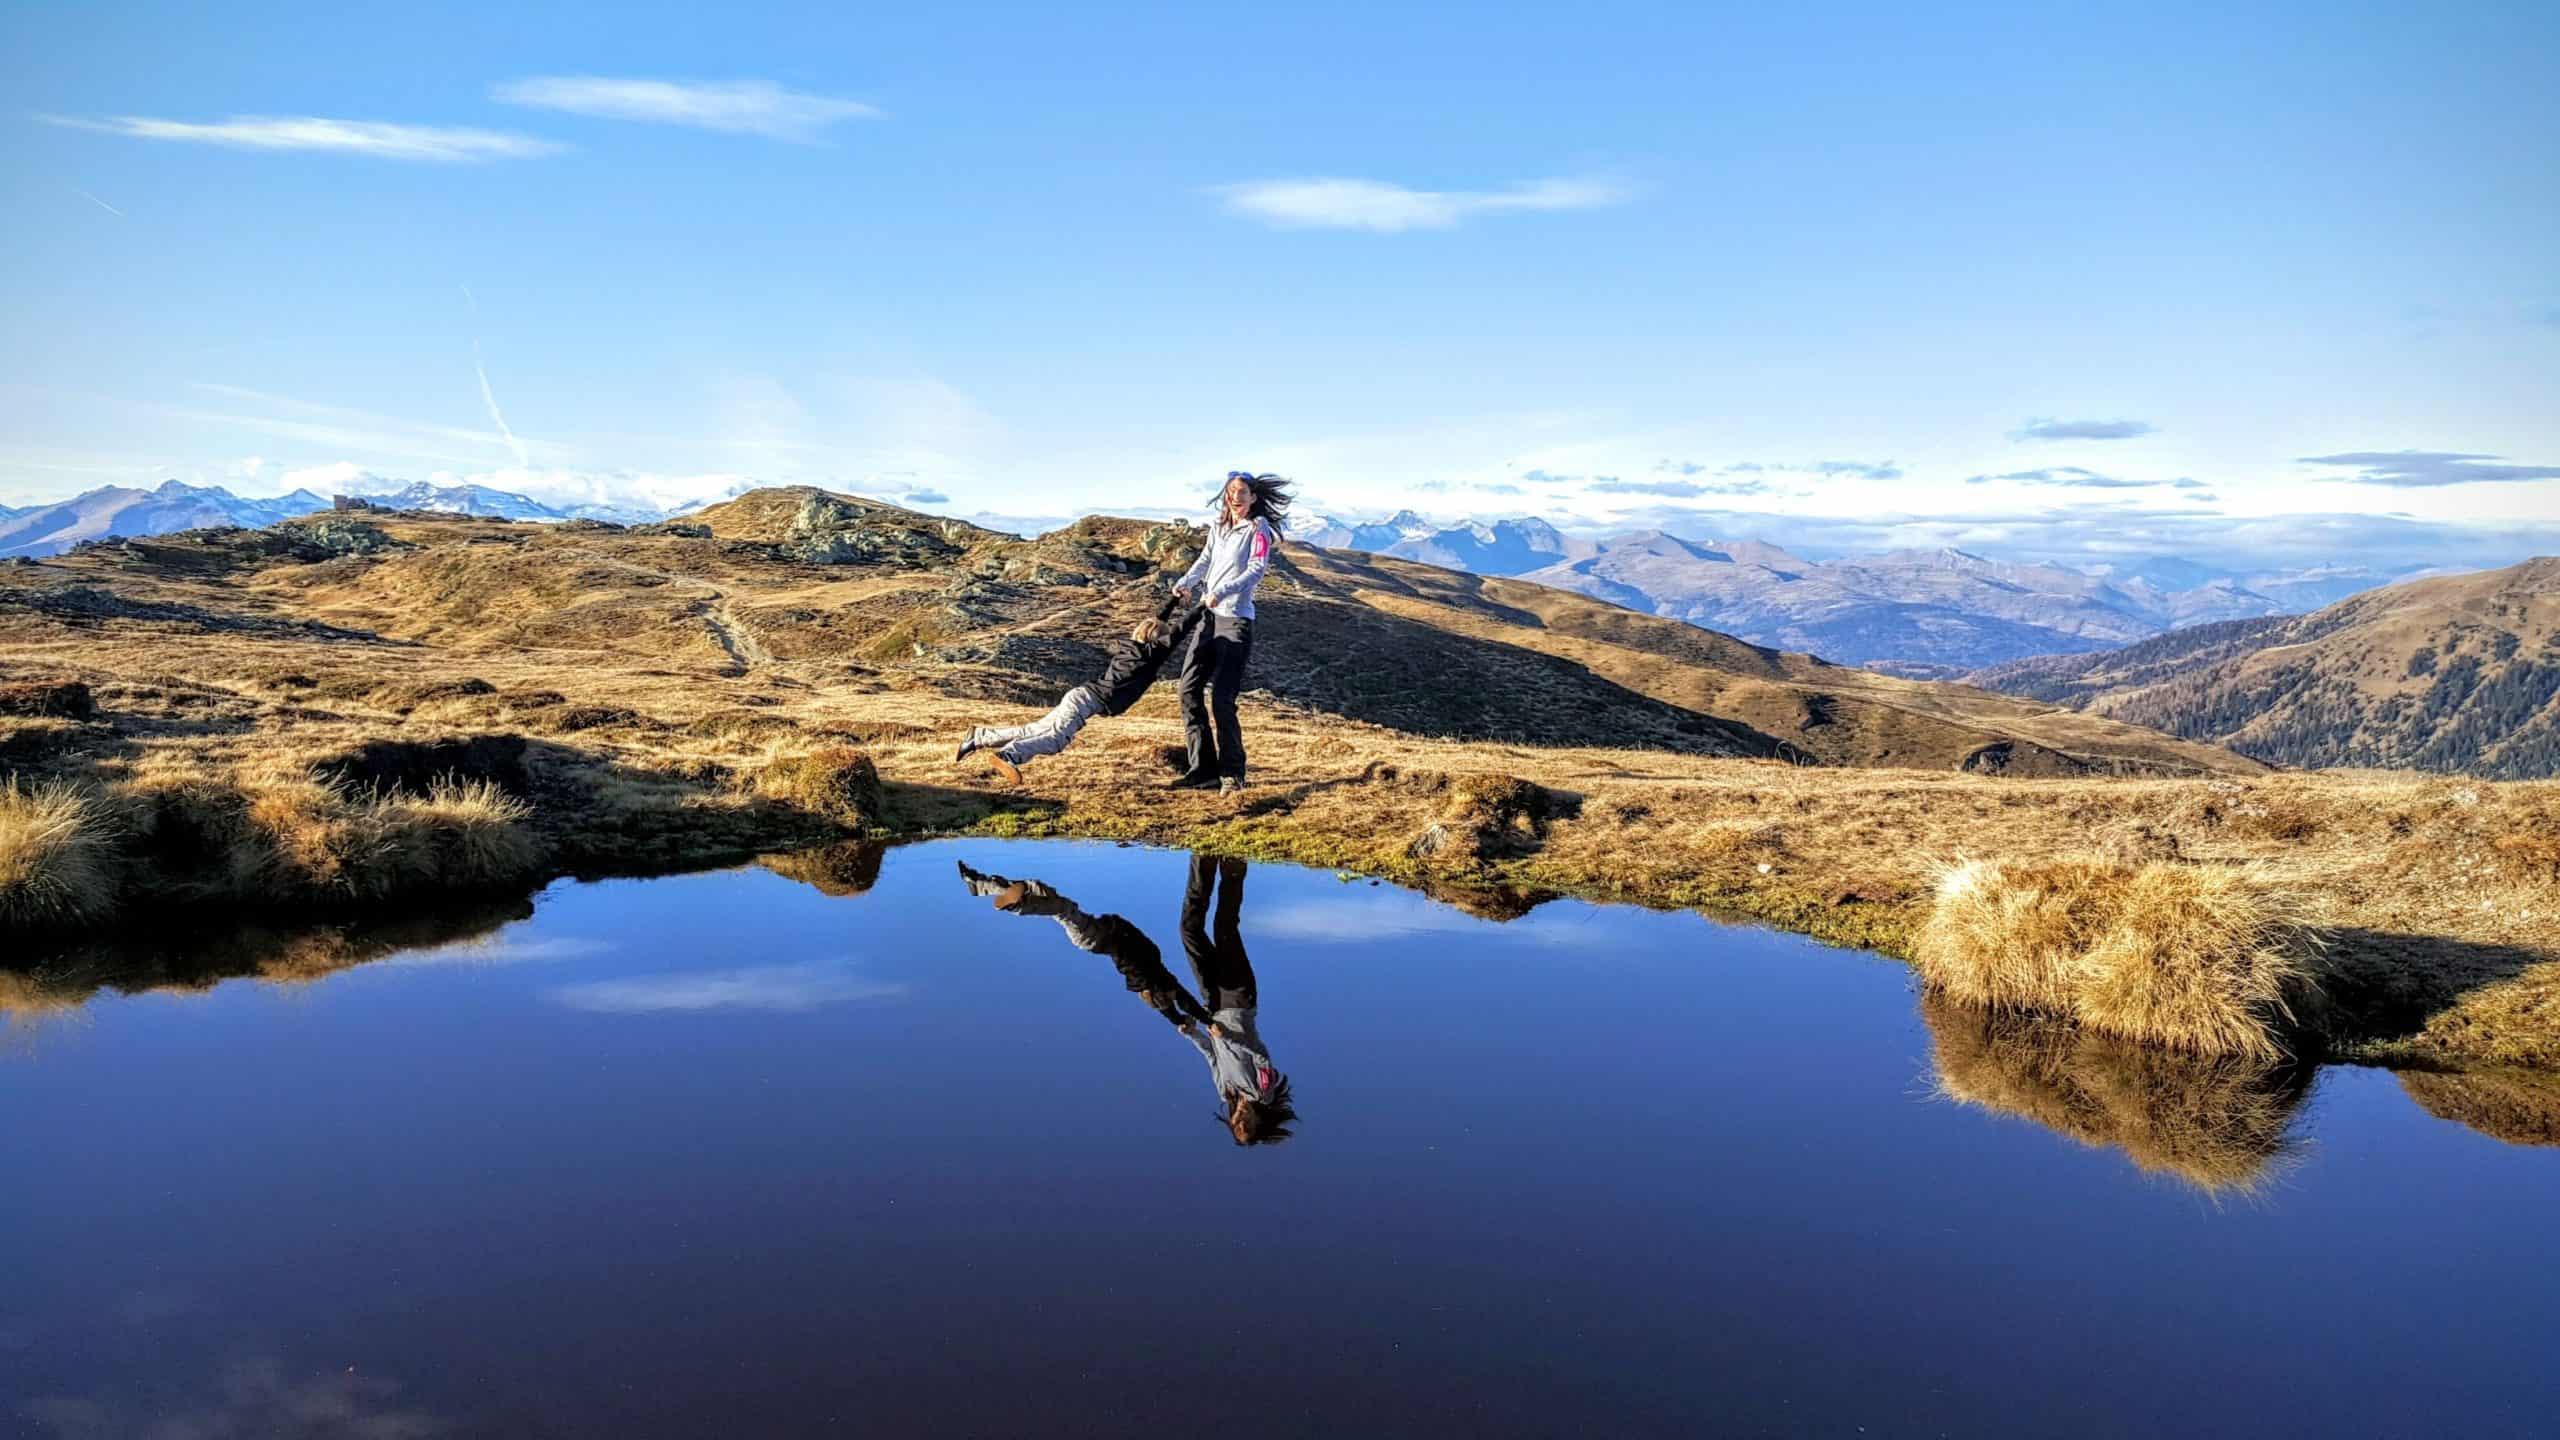 Rund um das Granattor auf der Millstätter Alpe in Kärnten - Familienwanderungen & Ausflüge